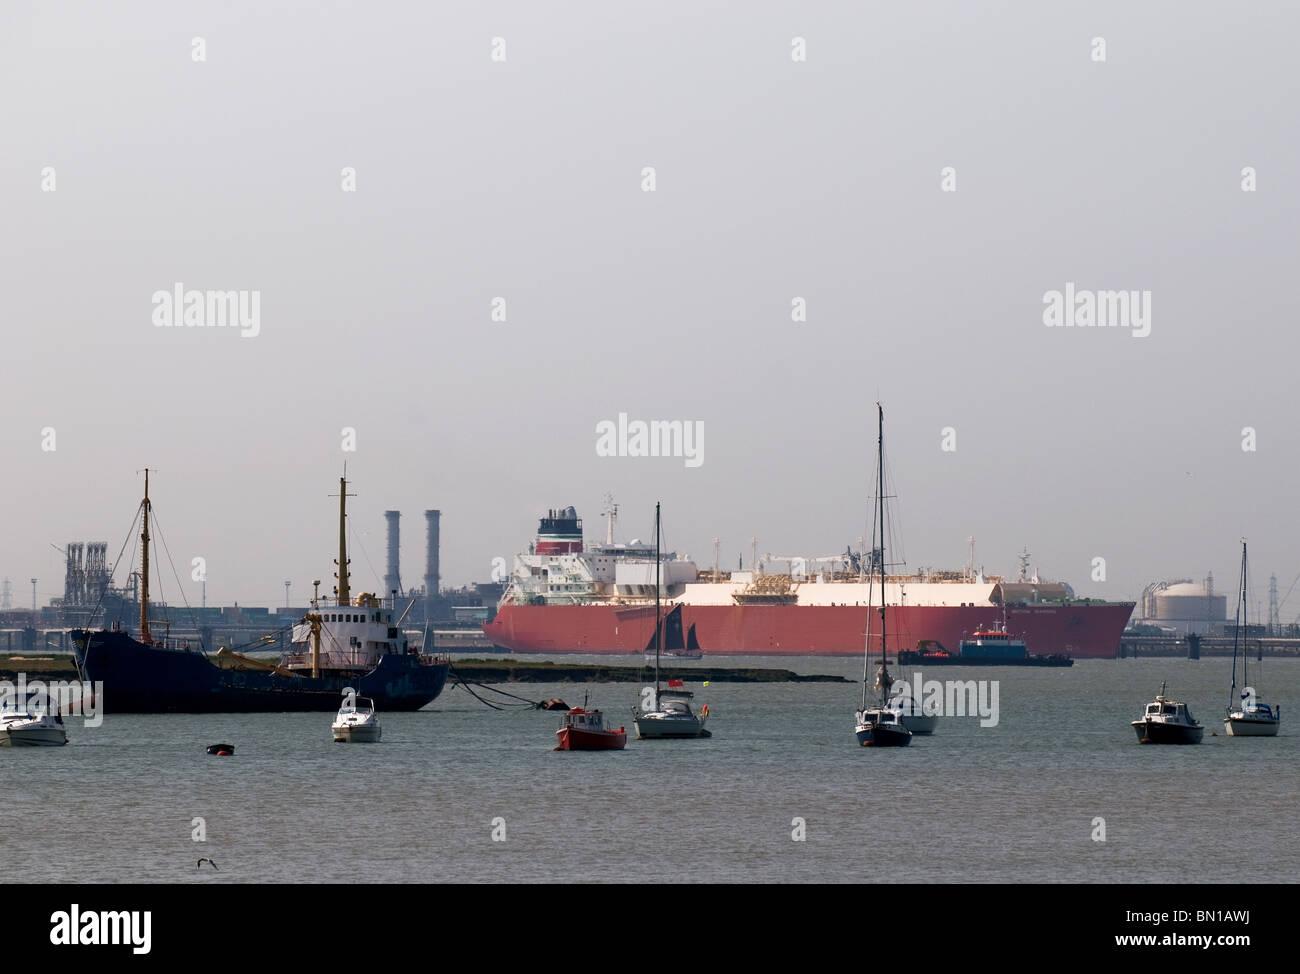 Schiffe vor Anker in Sheerness Docks auf der Isle of Sheppey in Kent. Stockbild